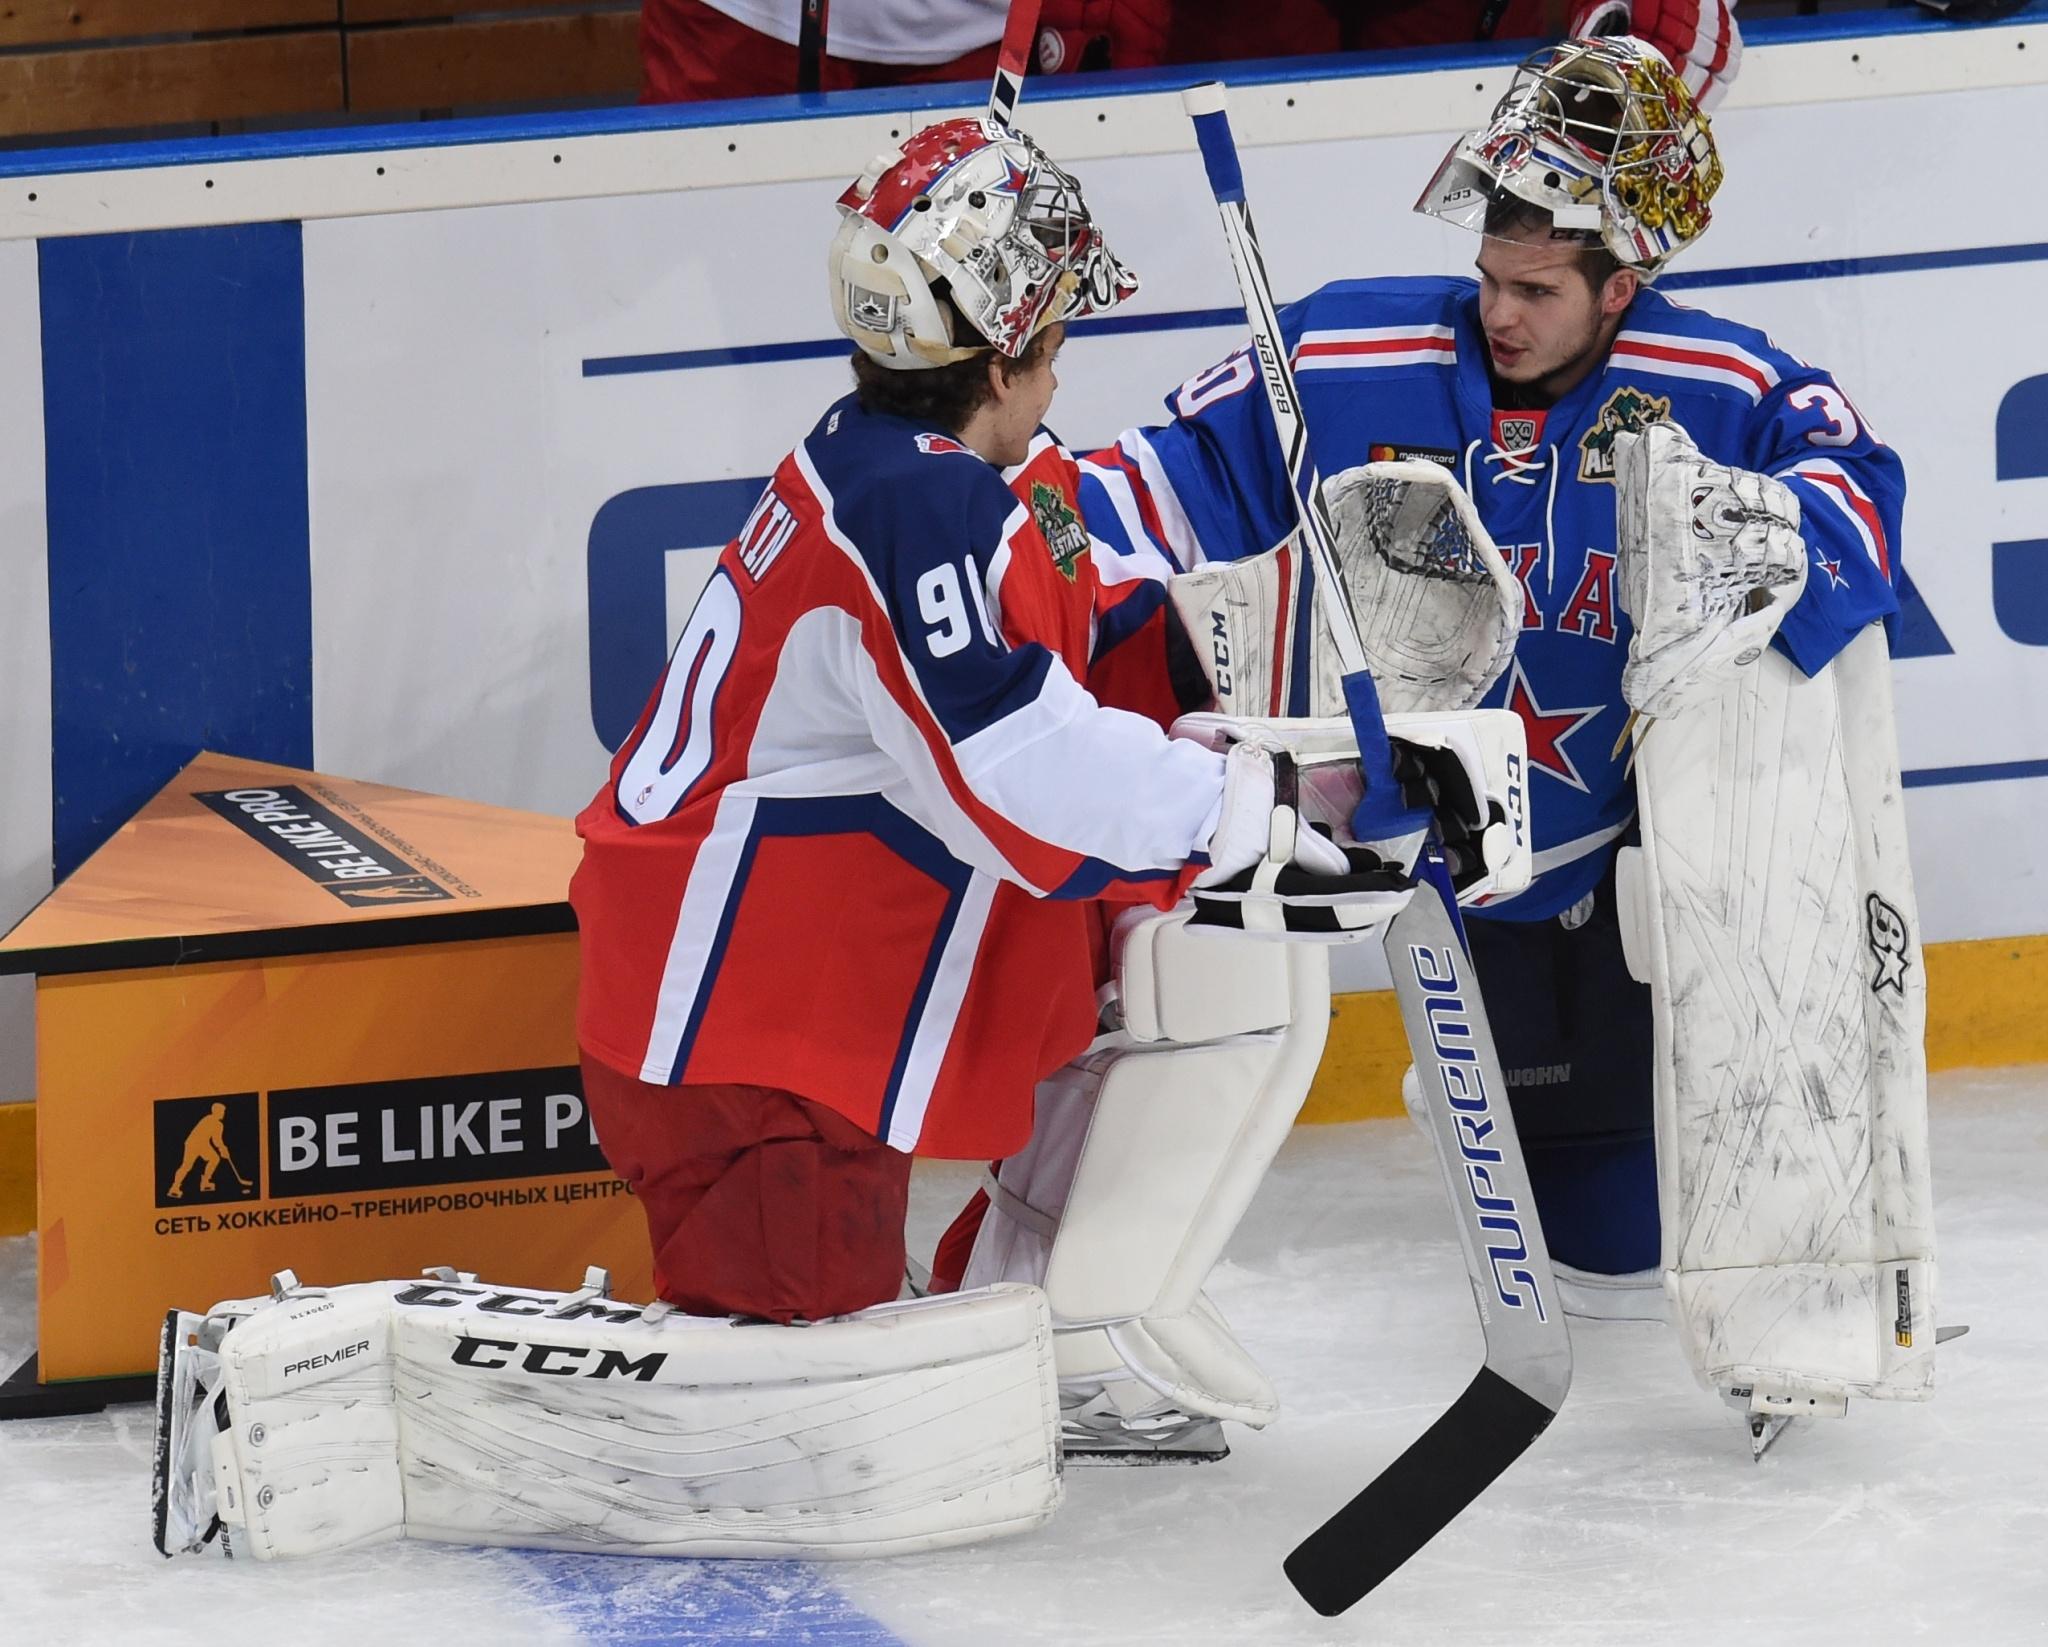 Илья Сорокин и Игорь Шестёркин. Фото: Владимир Беззубов